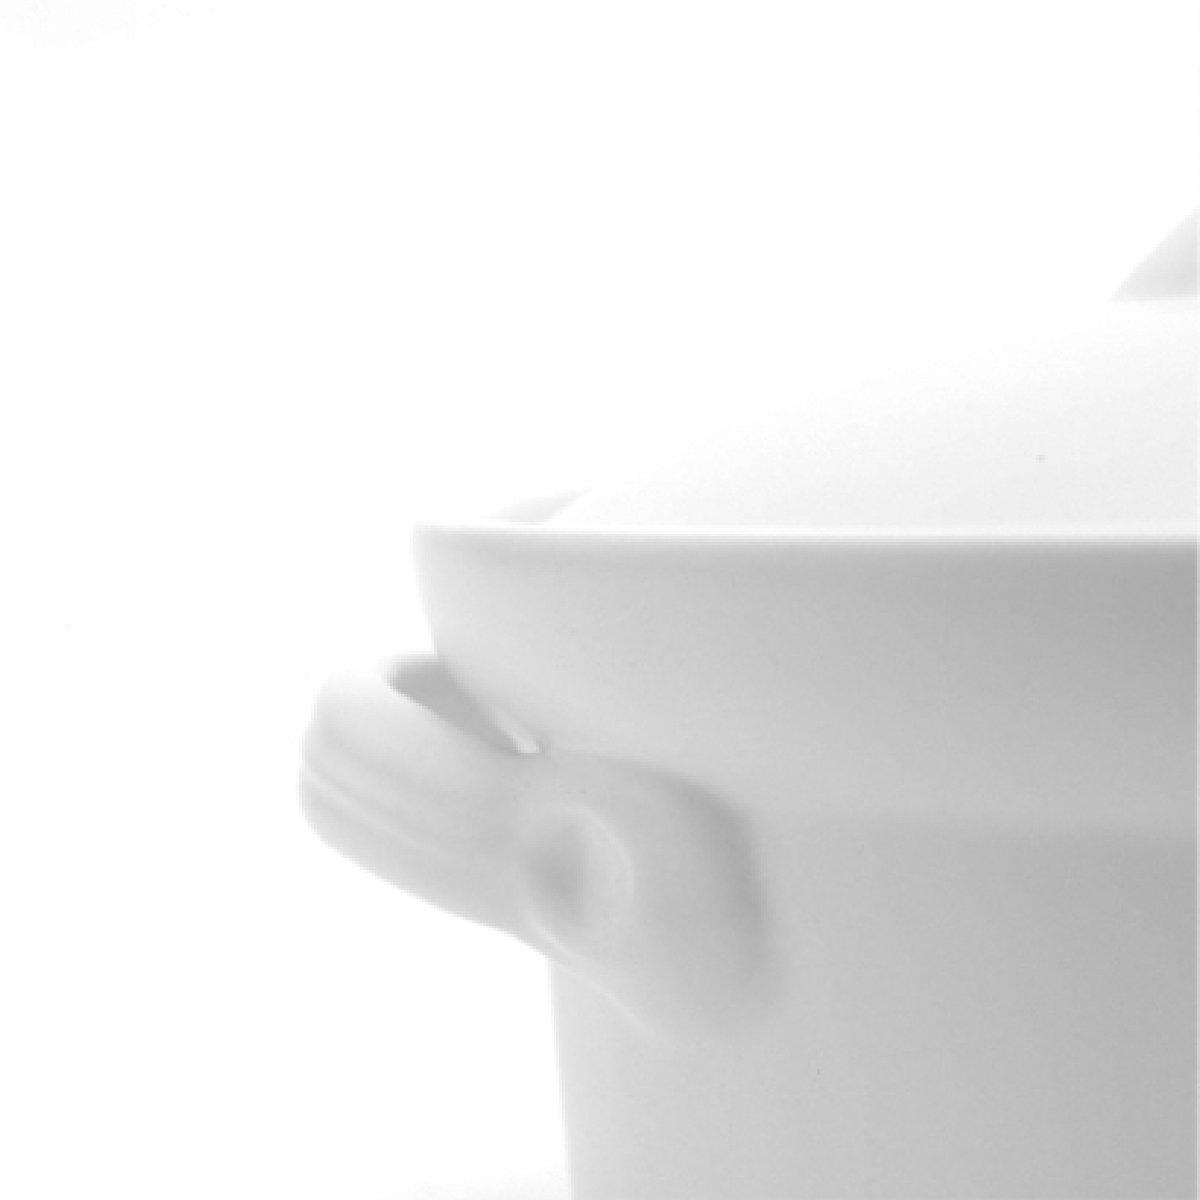 アラジンの鍋 白 詳細画像3